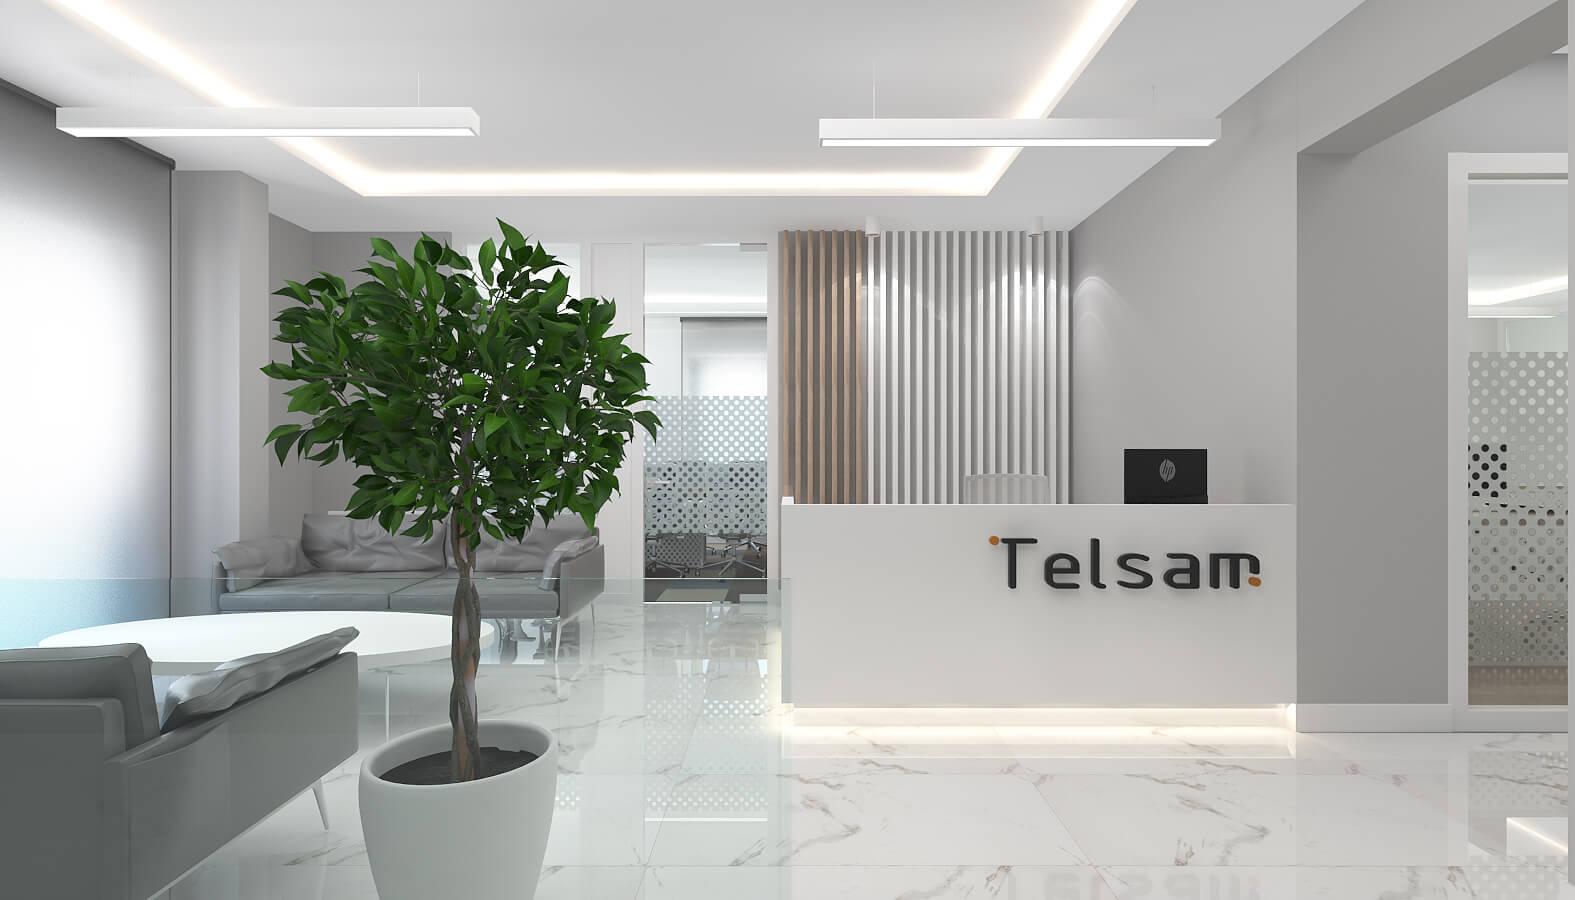 Ofis İç Mimari Dekorasyonu  Telsam Telekom